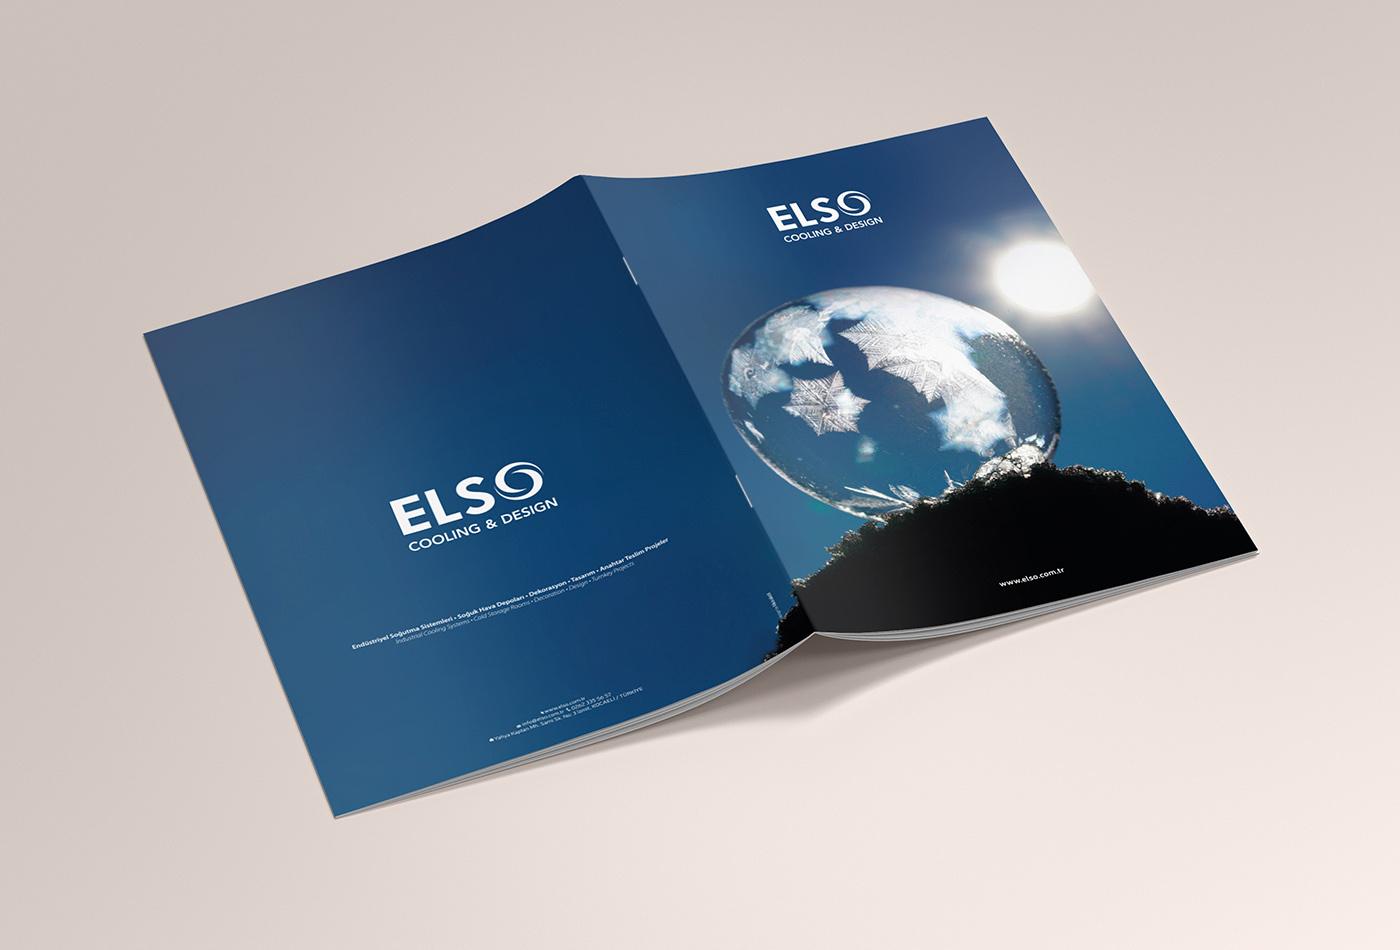 baskı cilt Elso katalog kurgu ofset tasarım